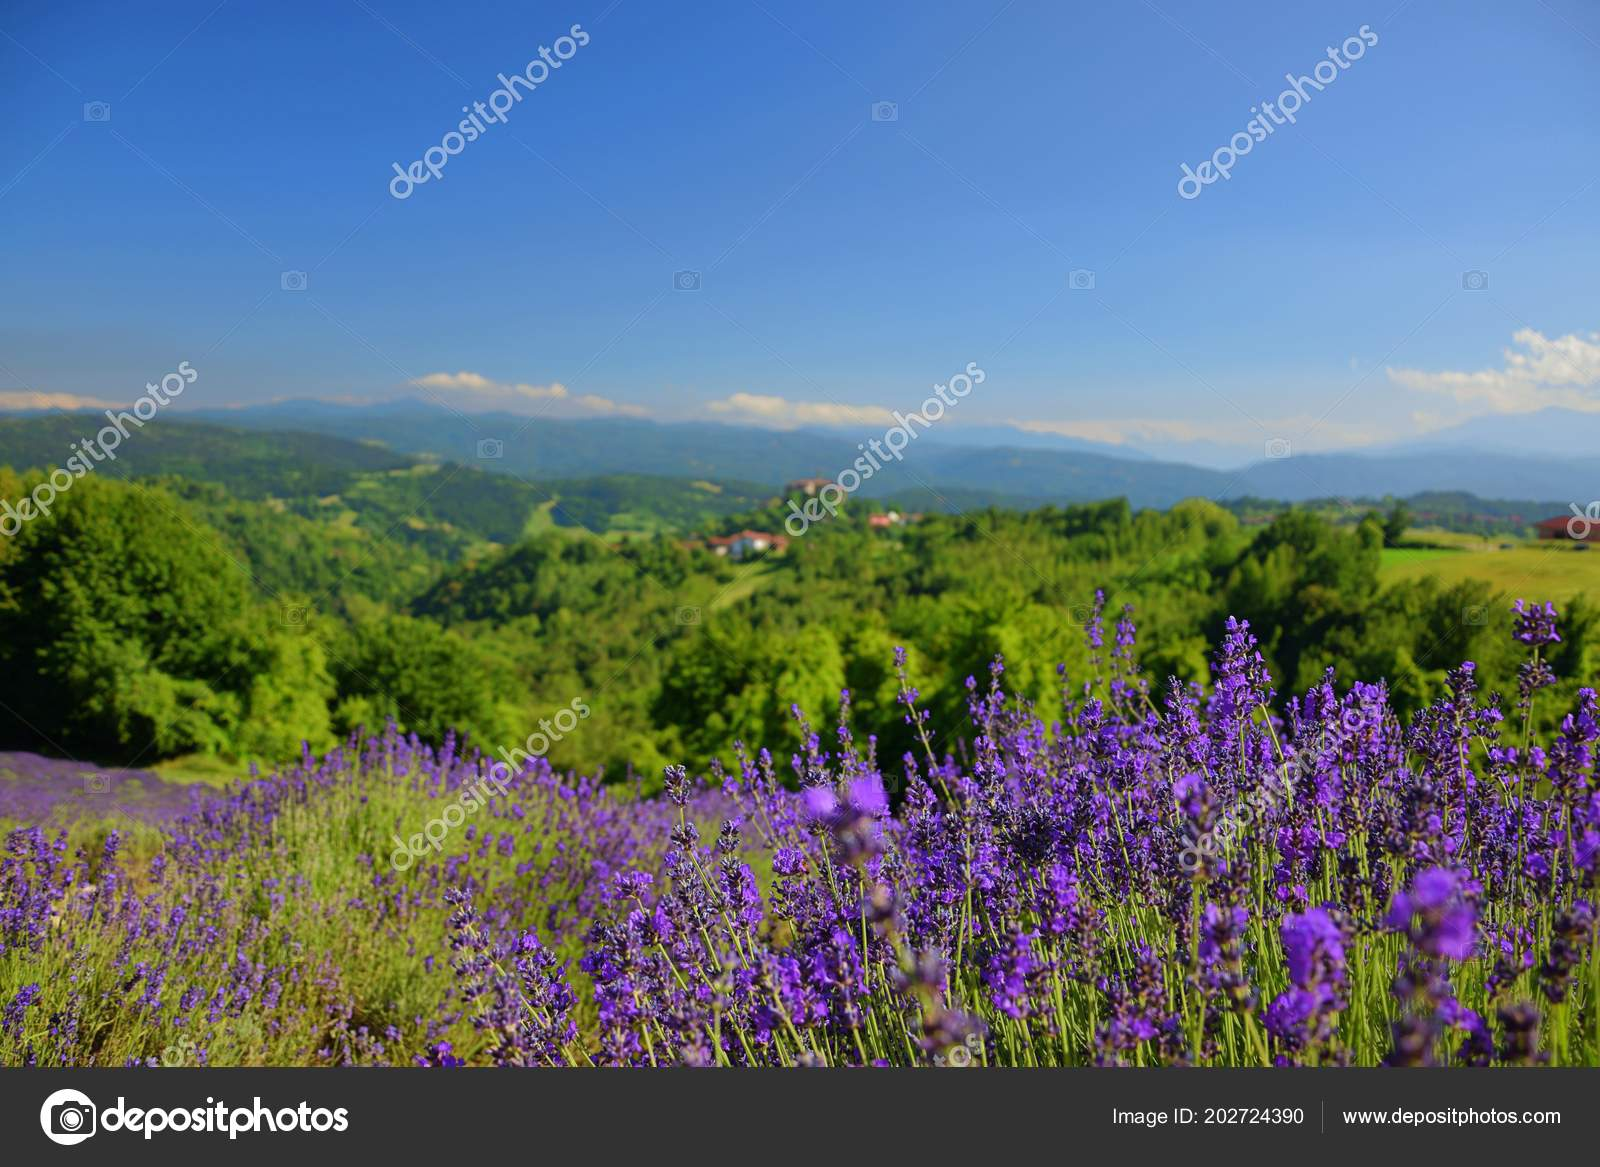 Lavender landscape flowers trees mountains blue sky stock photo lavender landscape flowers trees mountains blue sky stock photo izmirmasajfo